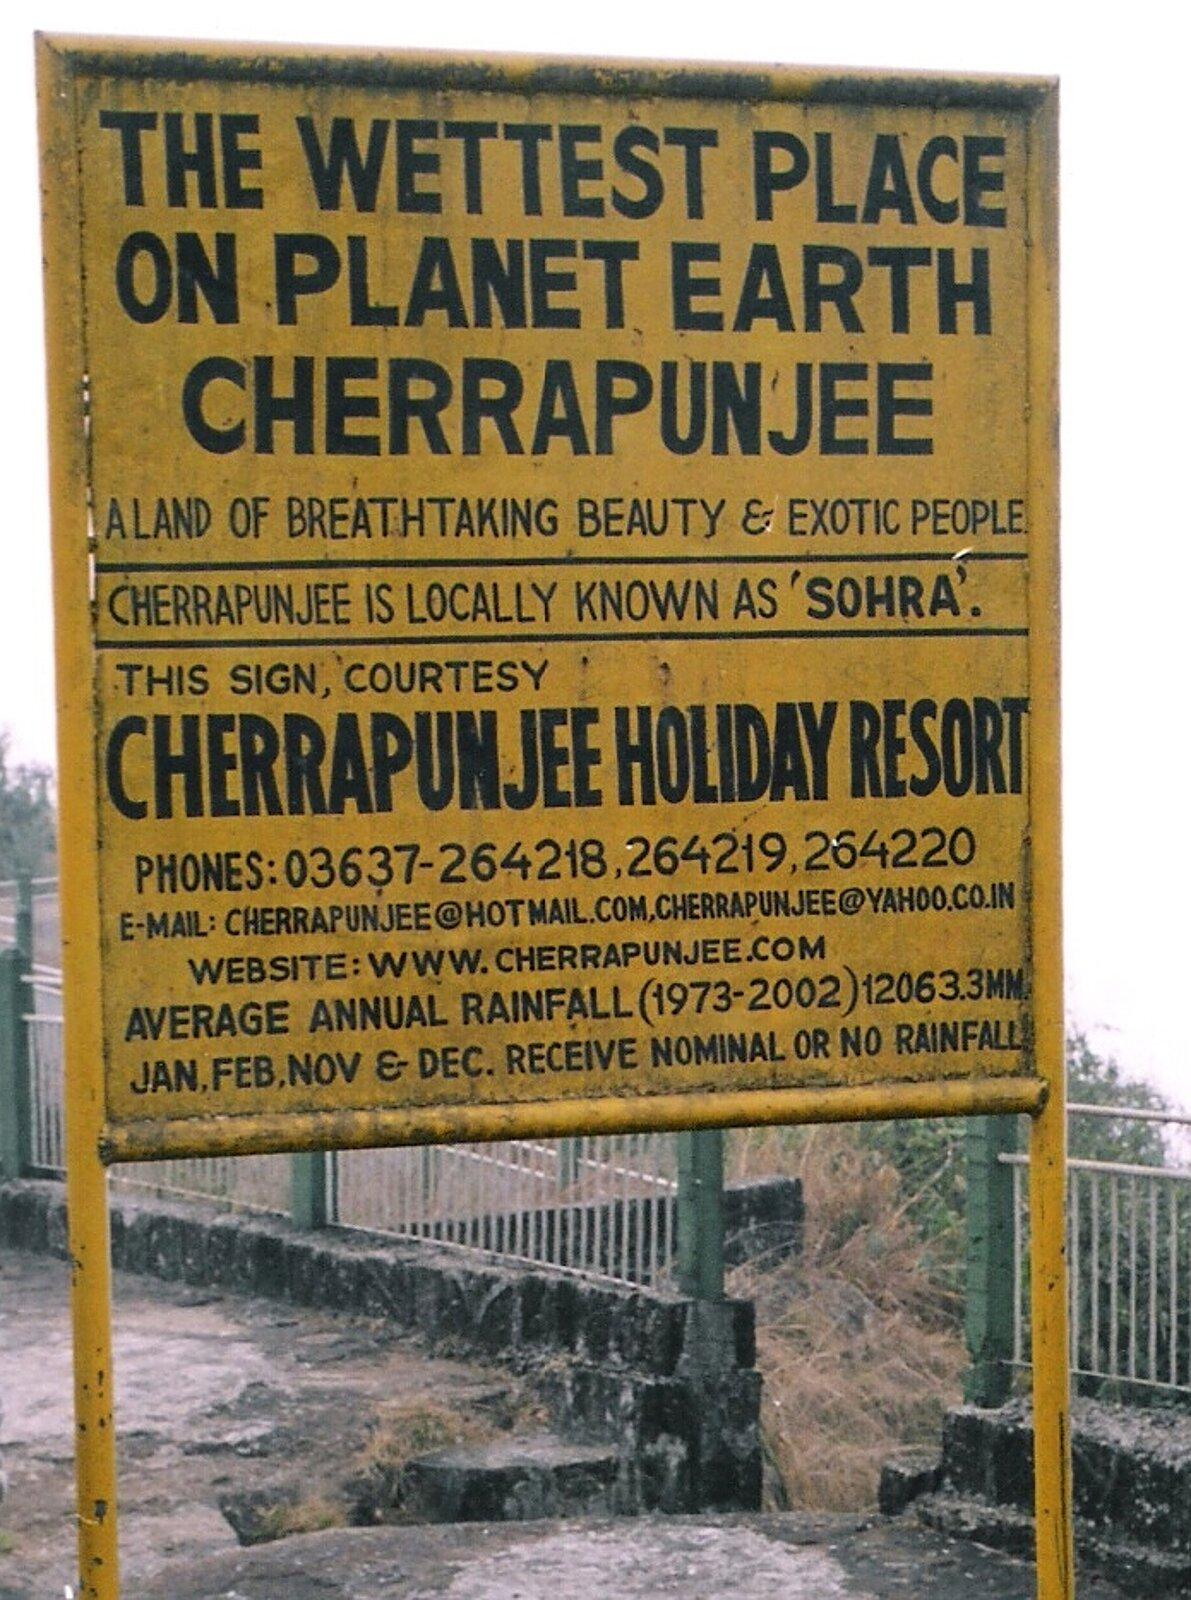 Na zdjęciu żółta tablica informacyjna znapisami wjęzyku angielskim. Podano numery telefonów, e-mail istronę www.